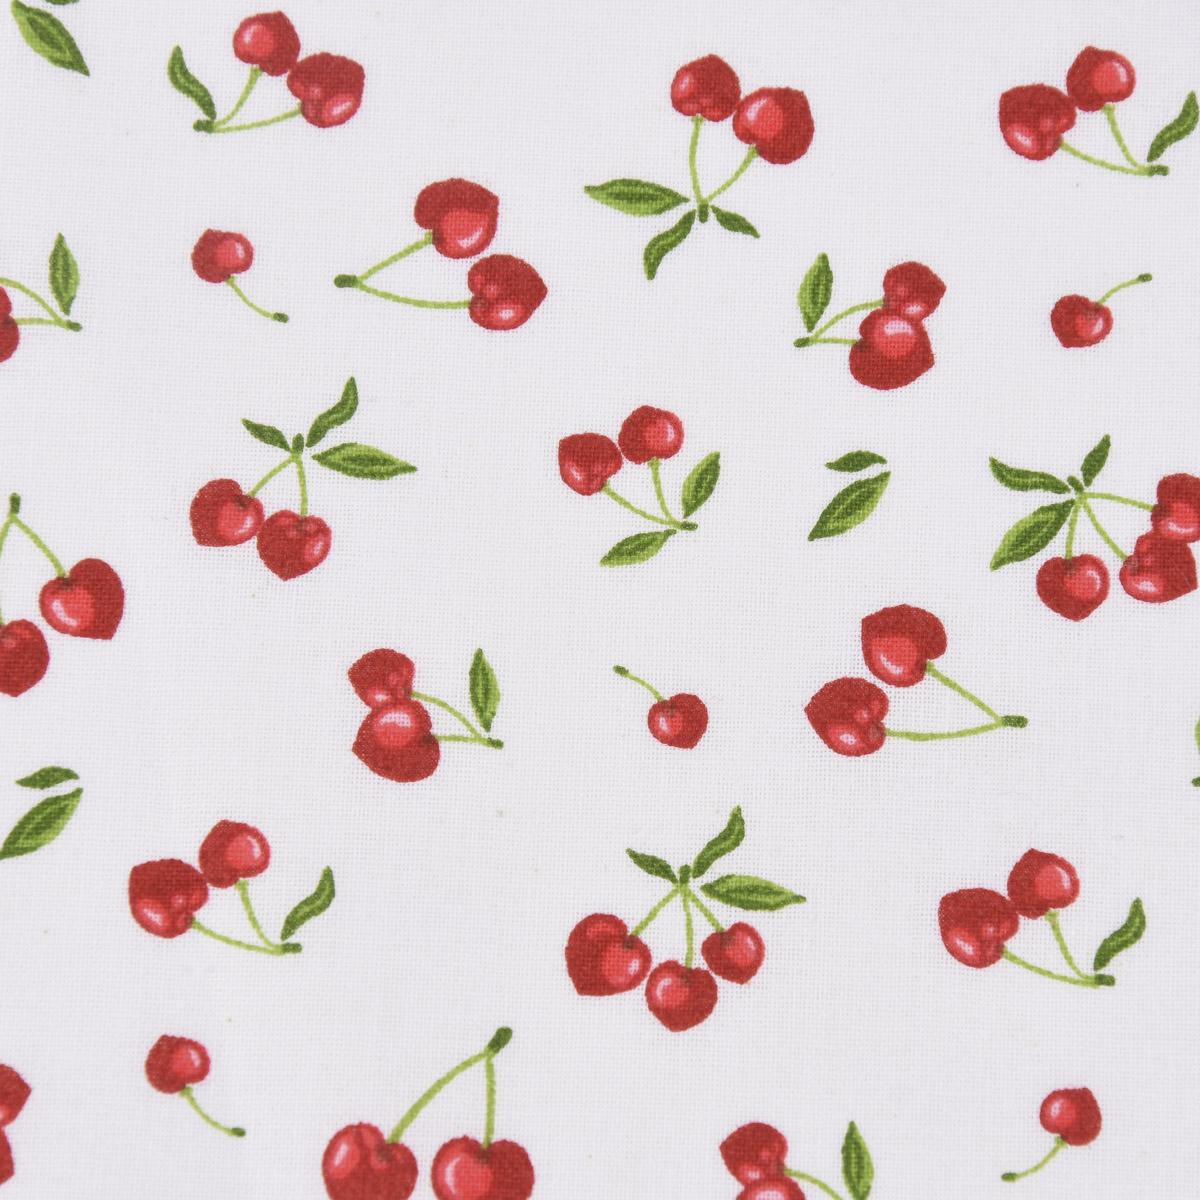 Baumwollstoff Cerises Kirschen weiß rot 1,5m Breite